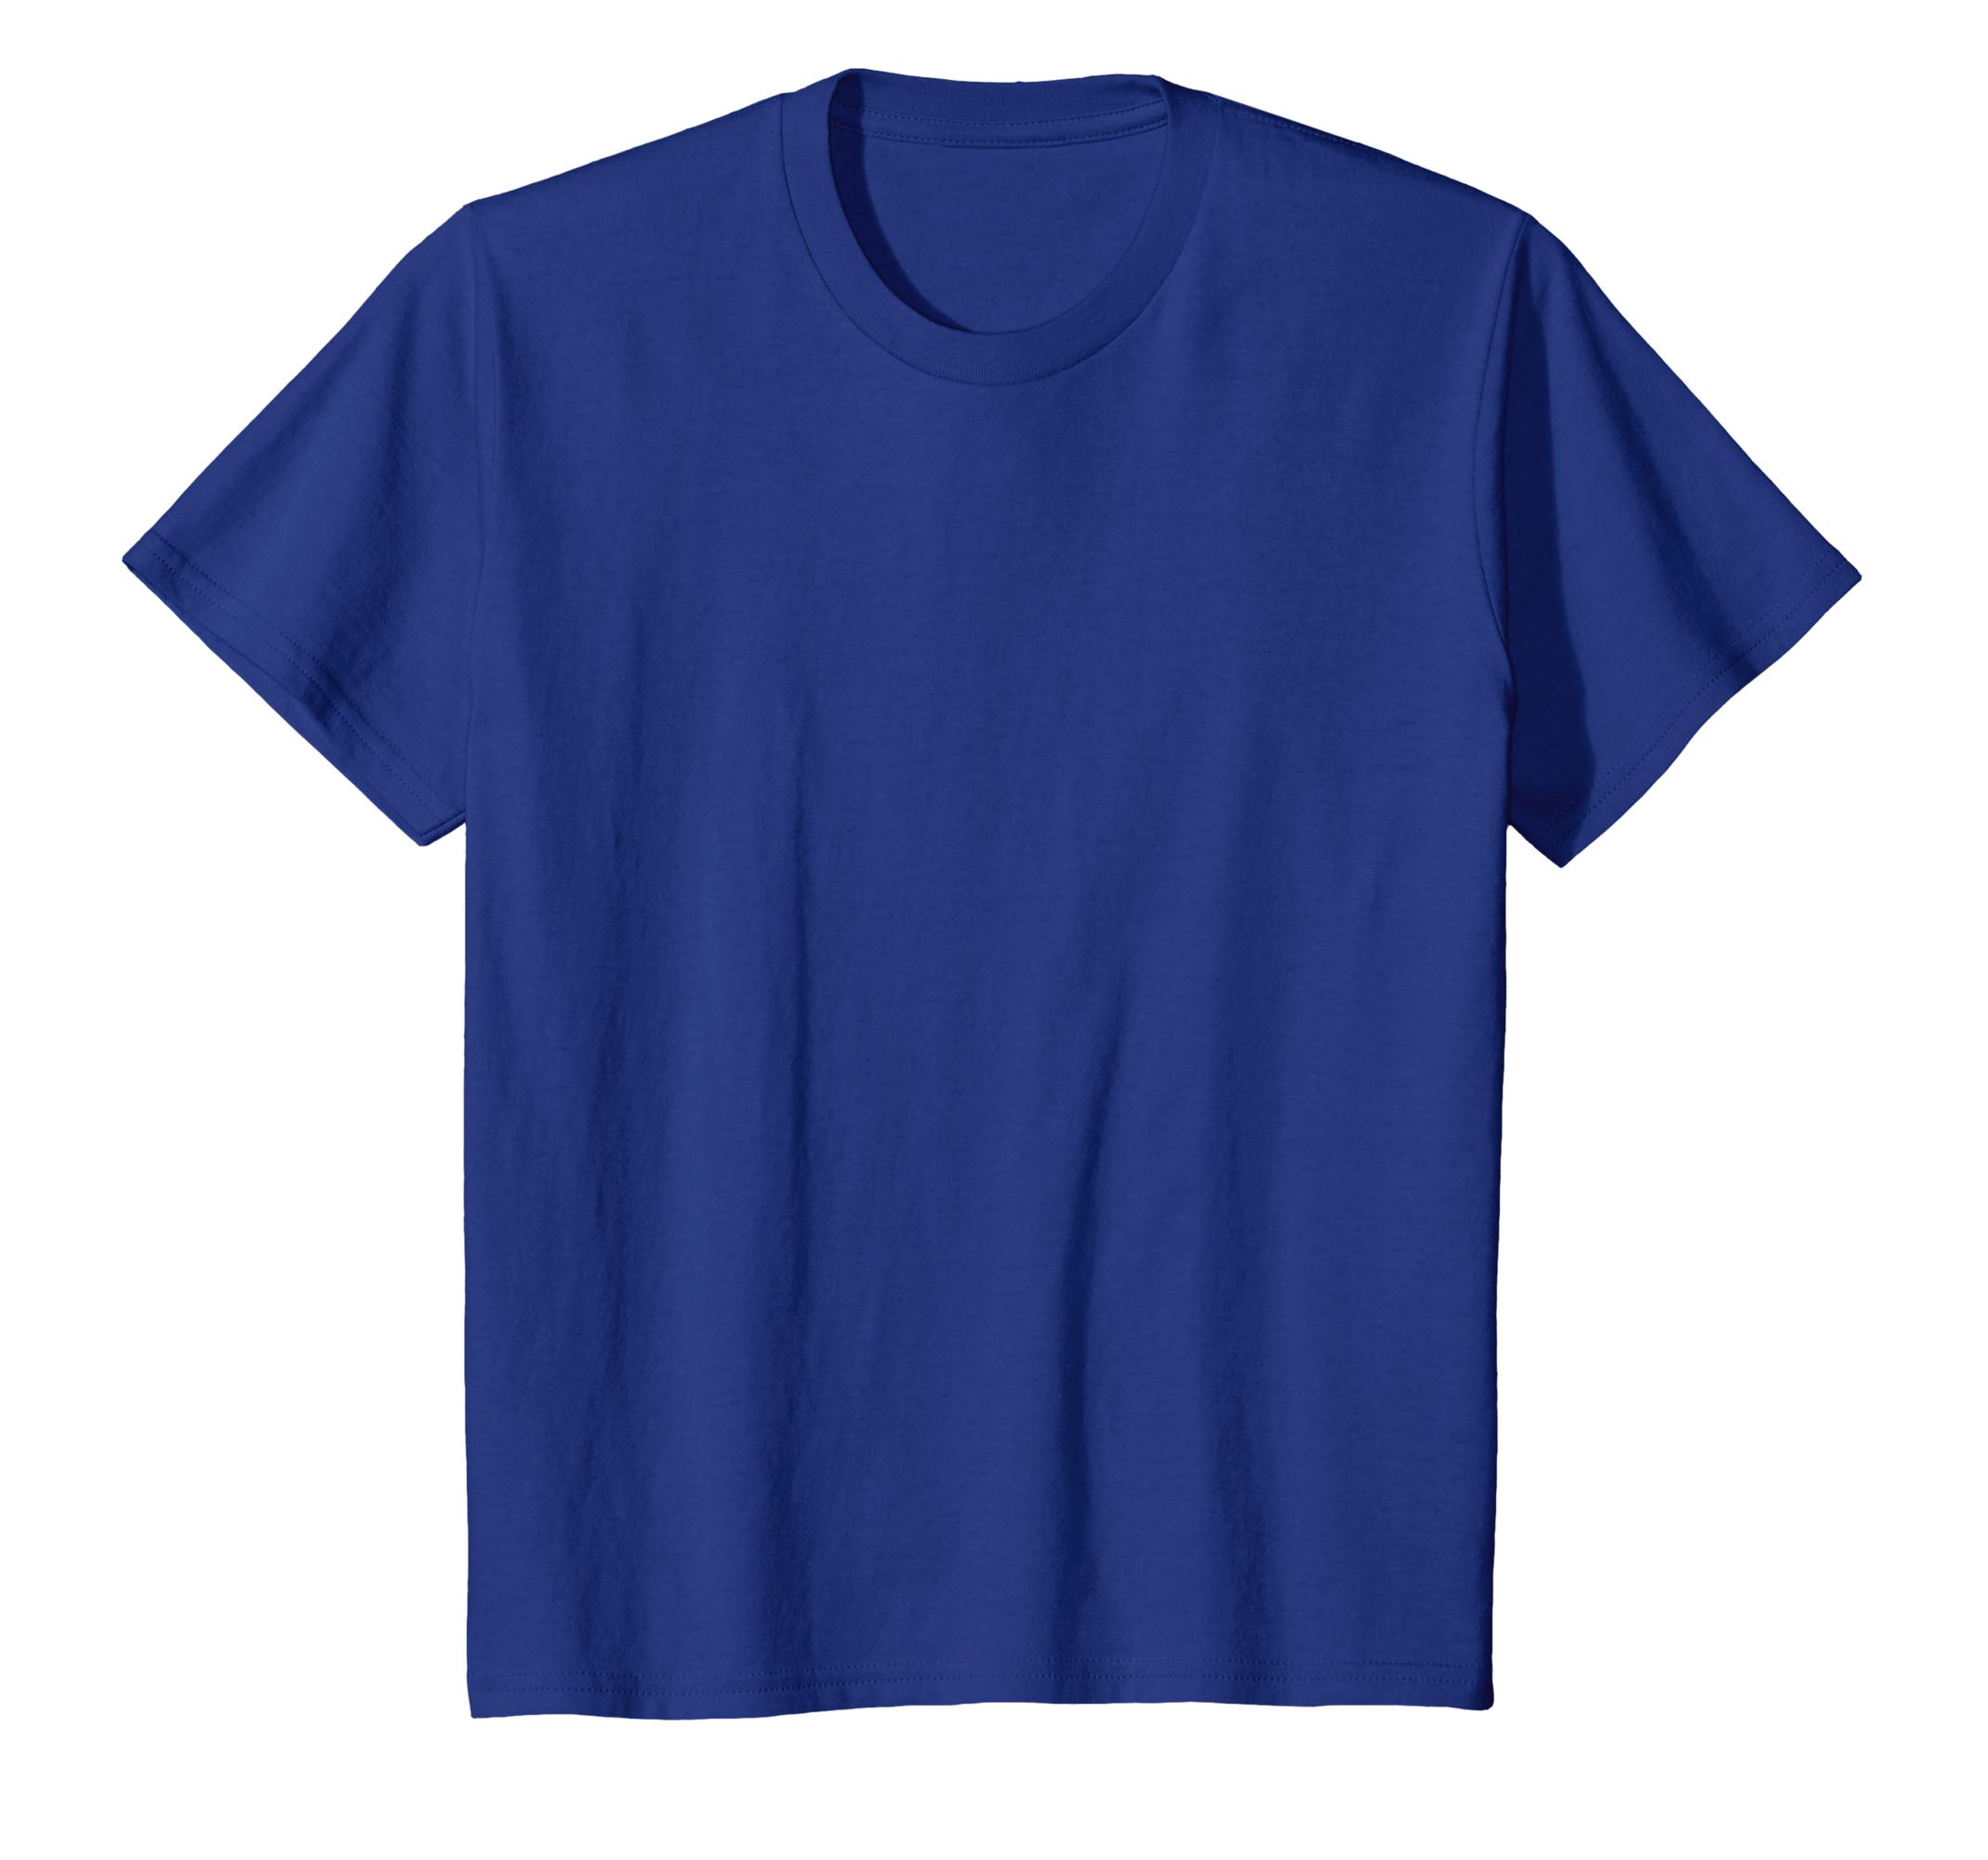 Marvel Avengers Endgame Fight of Our Lives T-Shirt Men Women All Size S-3XL